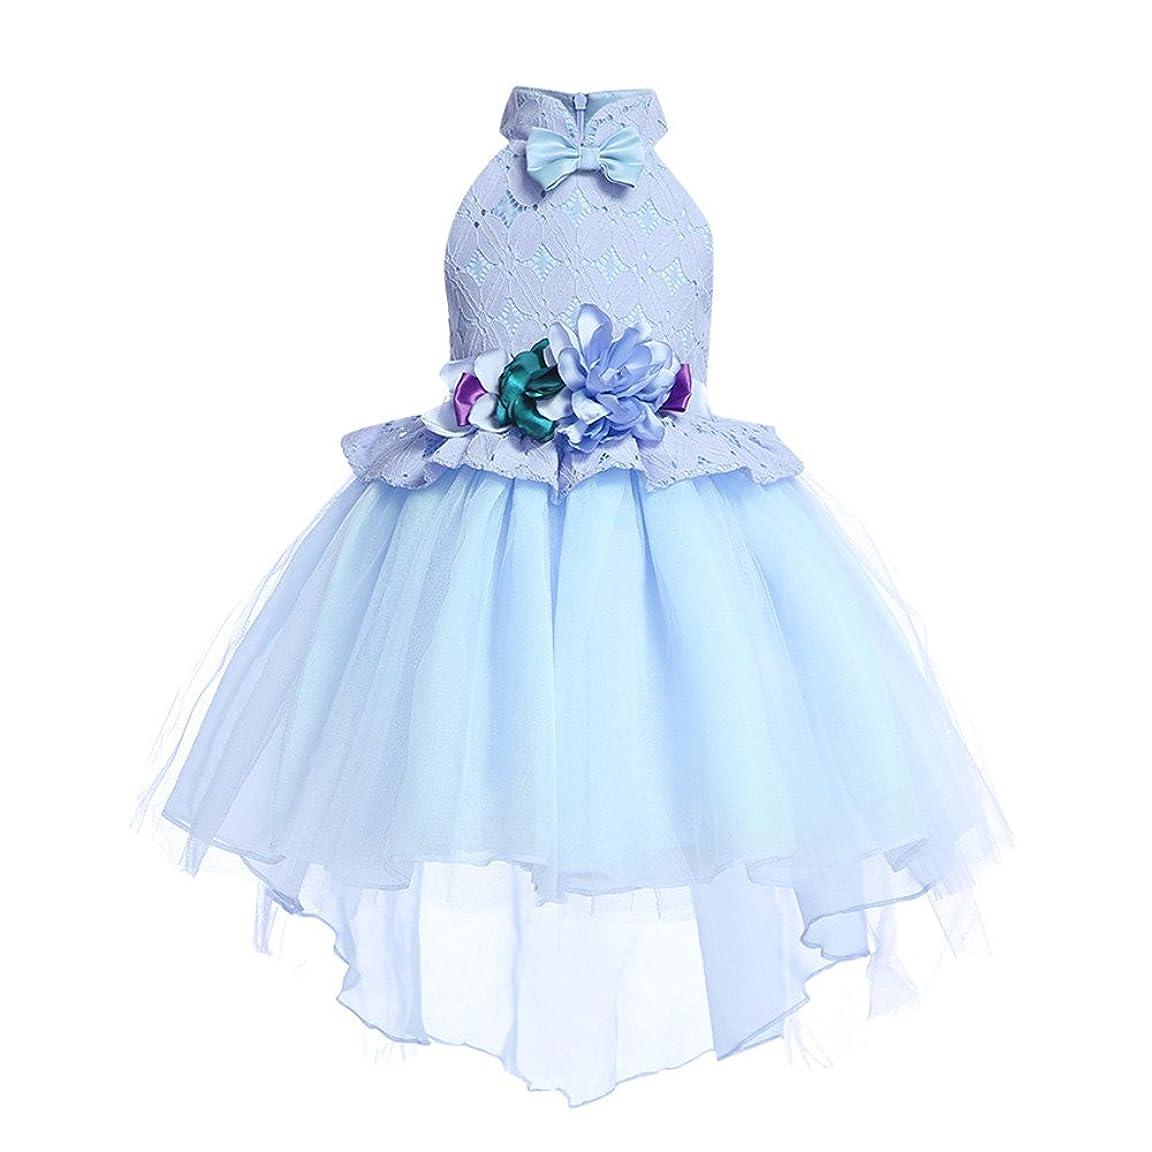 指導する埋める死Mhomzawa ドレス 女の子 子供 ドレス 舞台 衣装 発表会 ドレス 花柄 パニエ 女の子 フォーマルドレス ピアノ 発表会 こどもドレス キッズ ドレス 結婚式 演奏会 誕生会 パーティ